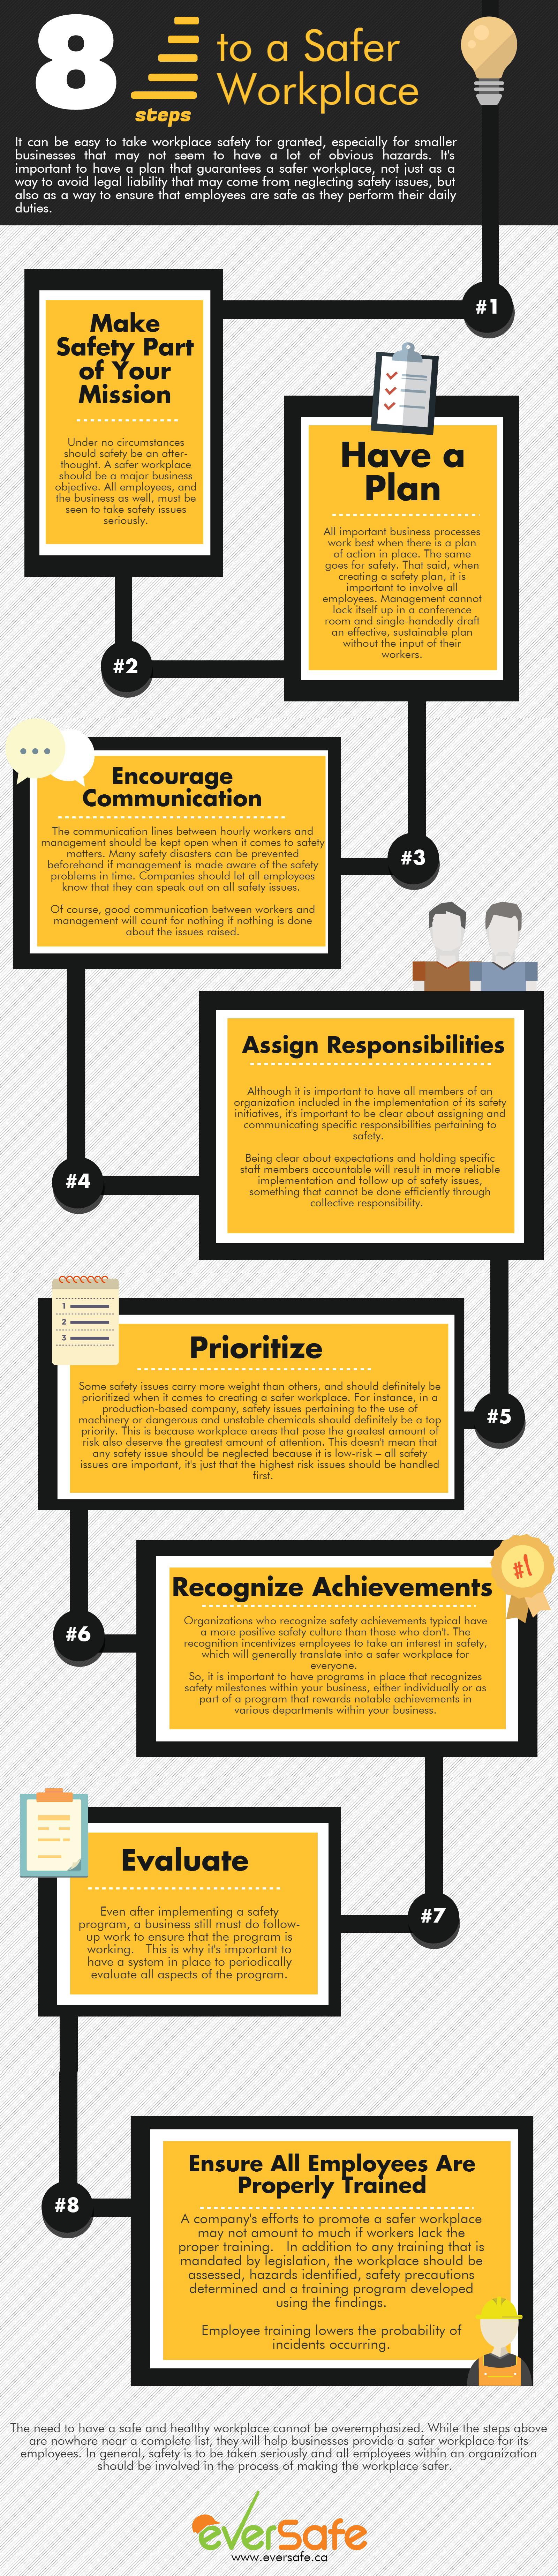 8 Steps to a Safer Workplace - Atlantictraining.com